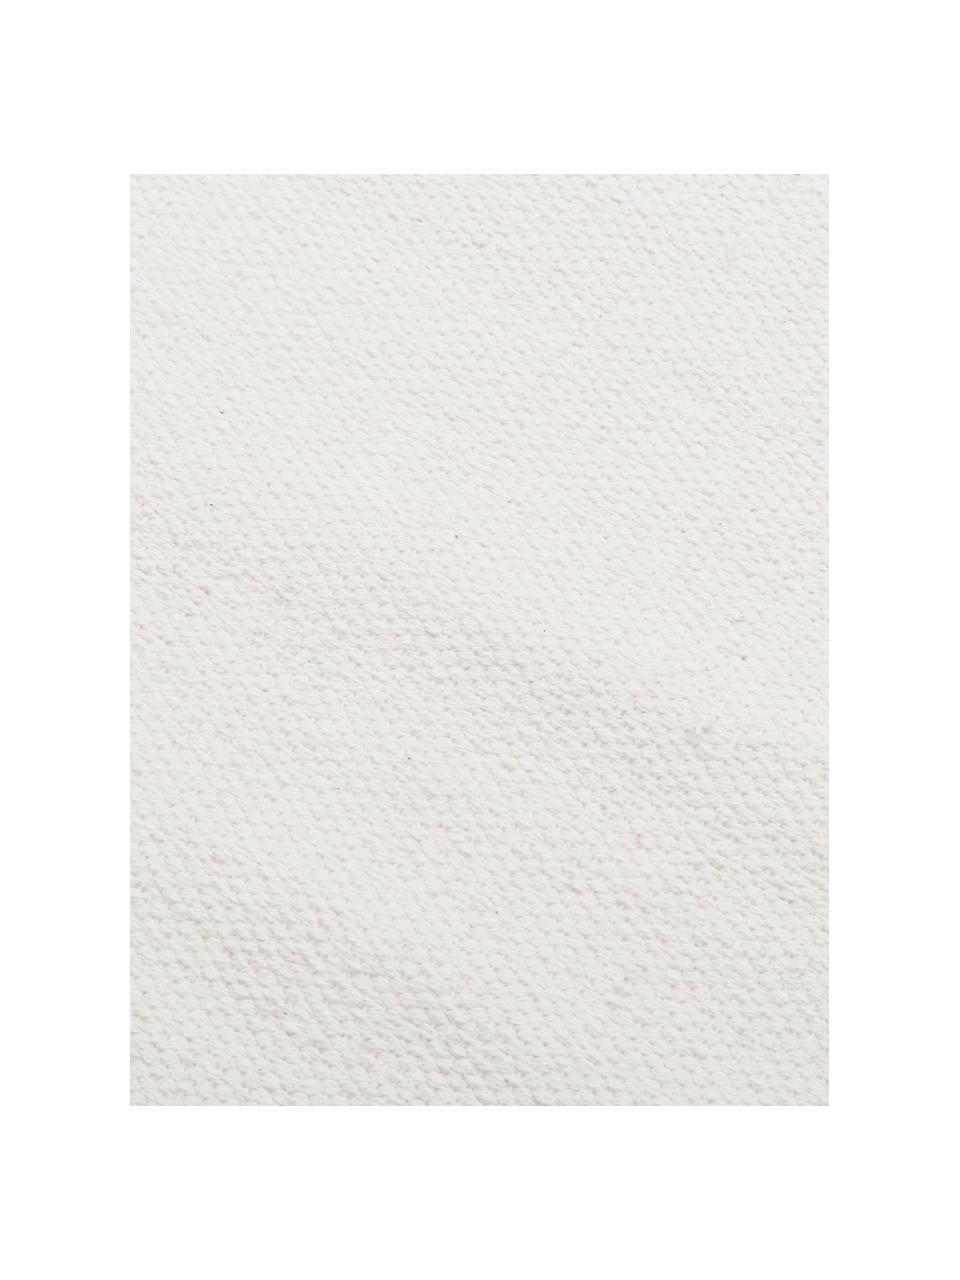 Dünner Baumwollteppich Agneta, handgewebt, 100% Baumwolle, Cremeweiss, B 200 x L 300 cm (Grösse L)